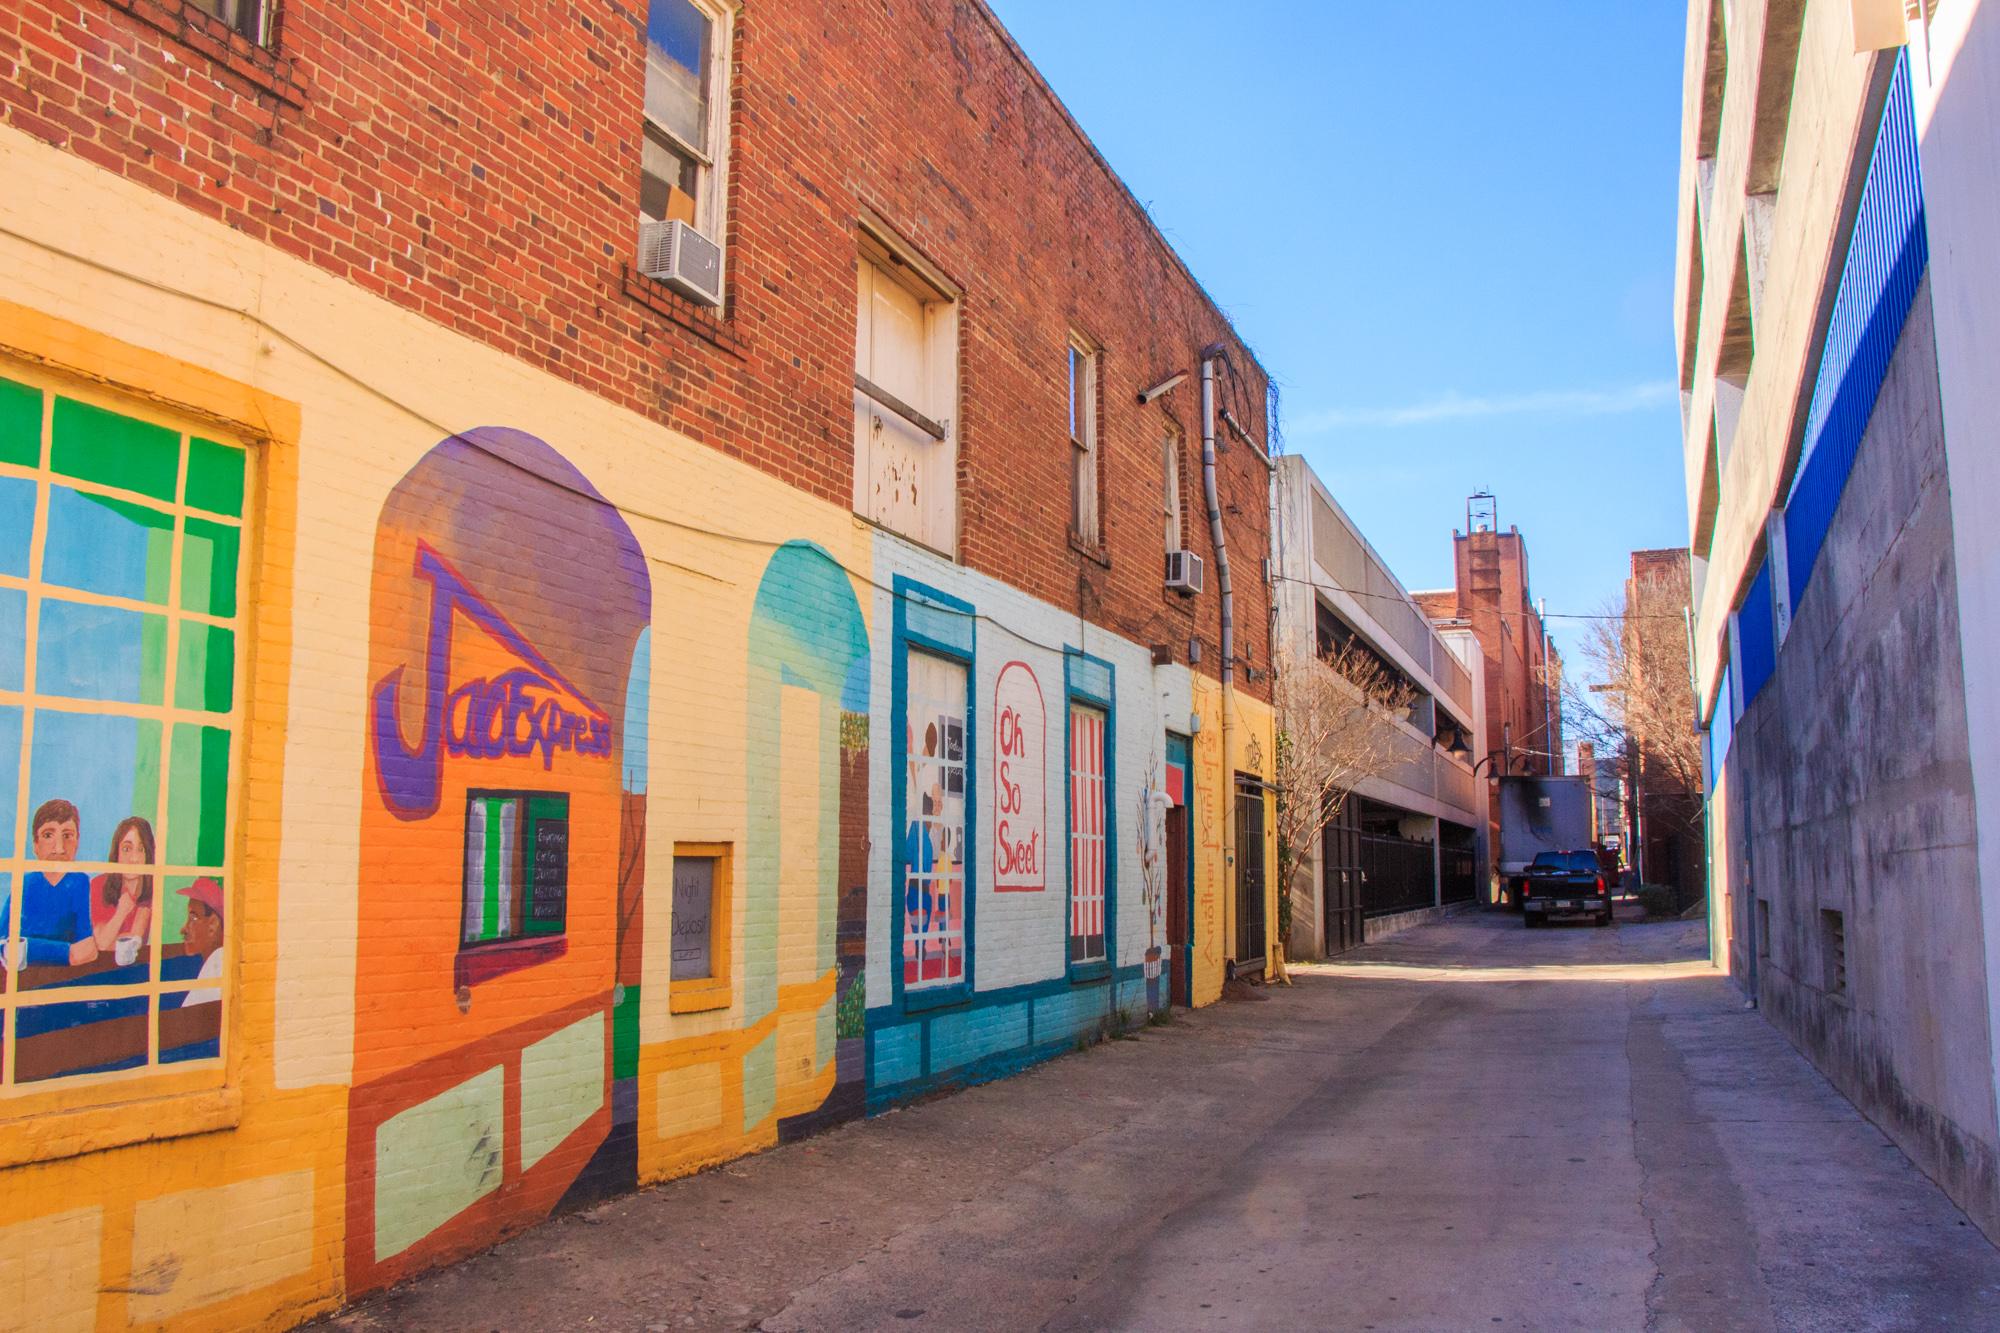 Alley_DowntownMacon.IMG_6271-88.jpg